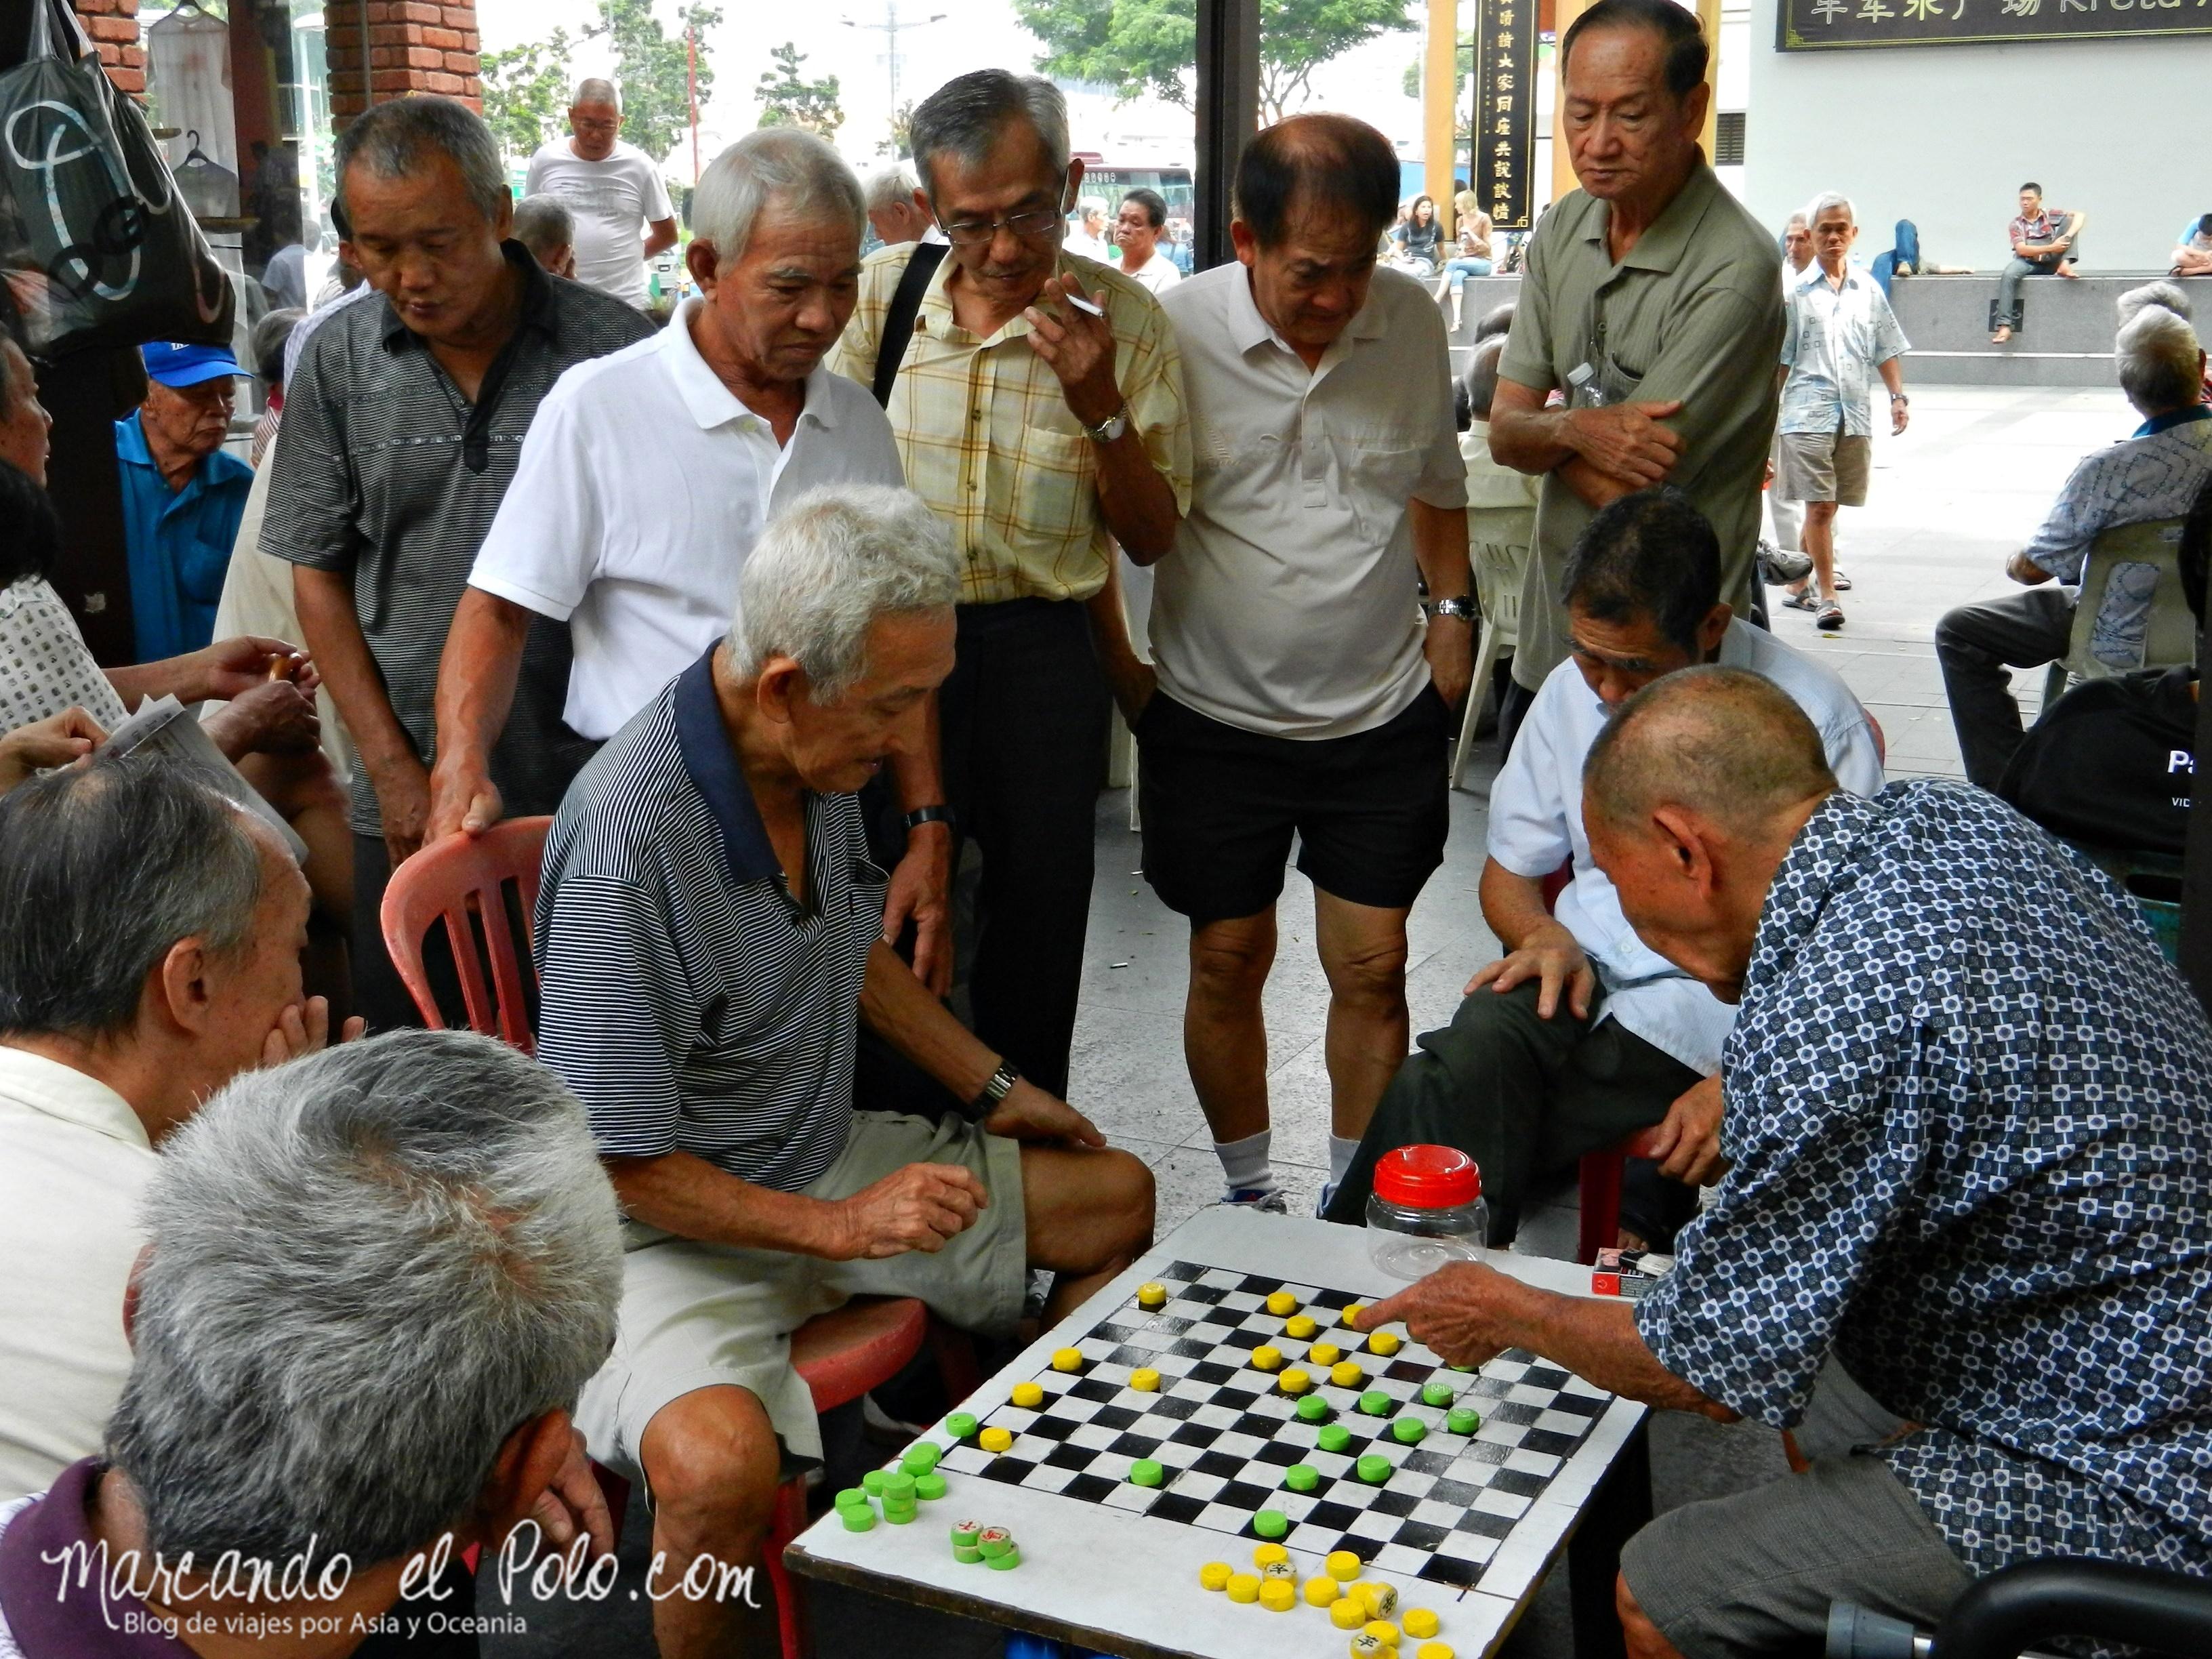 Hombres jugando en el barrio chino, Singapur